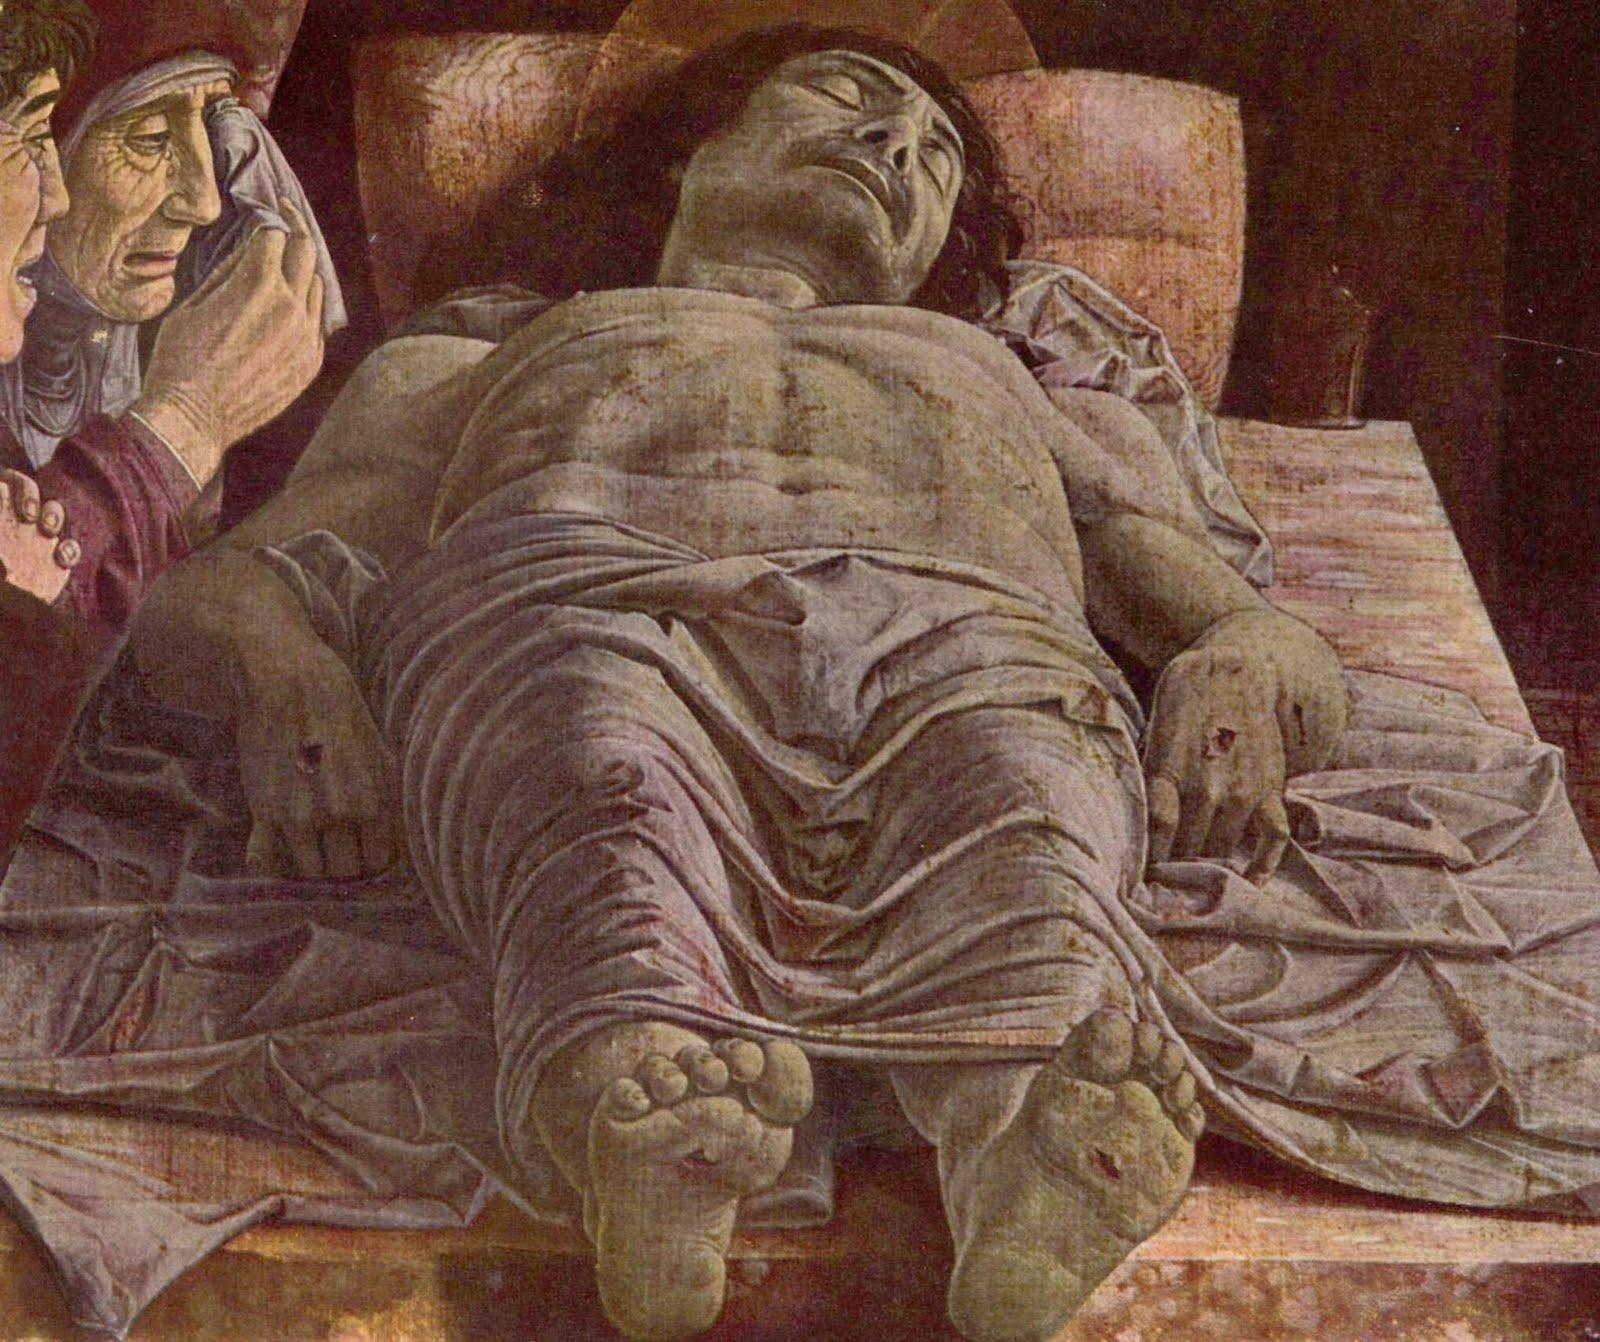 Como Crucificaron, Agonizó y Murió clínicamente Jesucristo